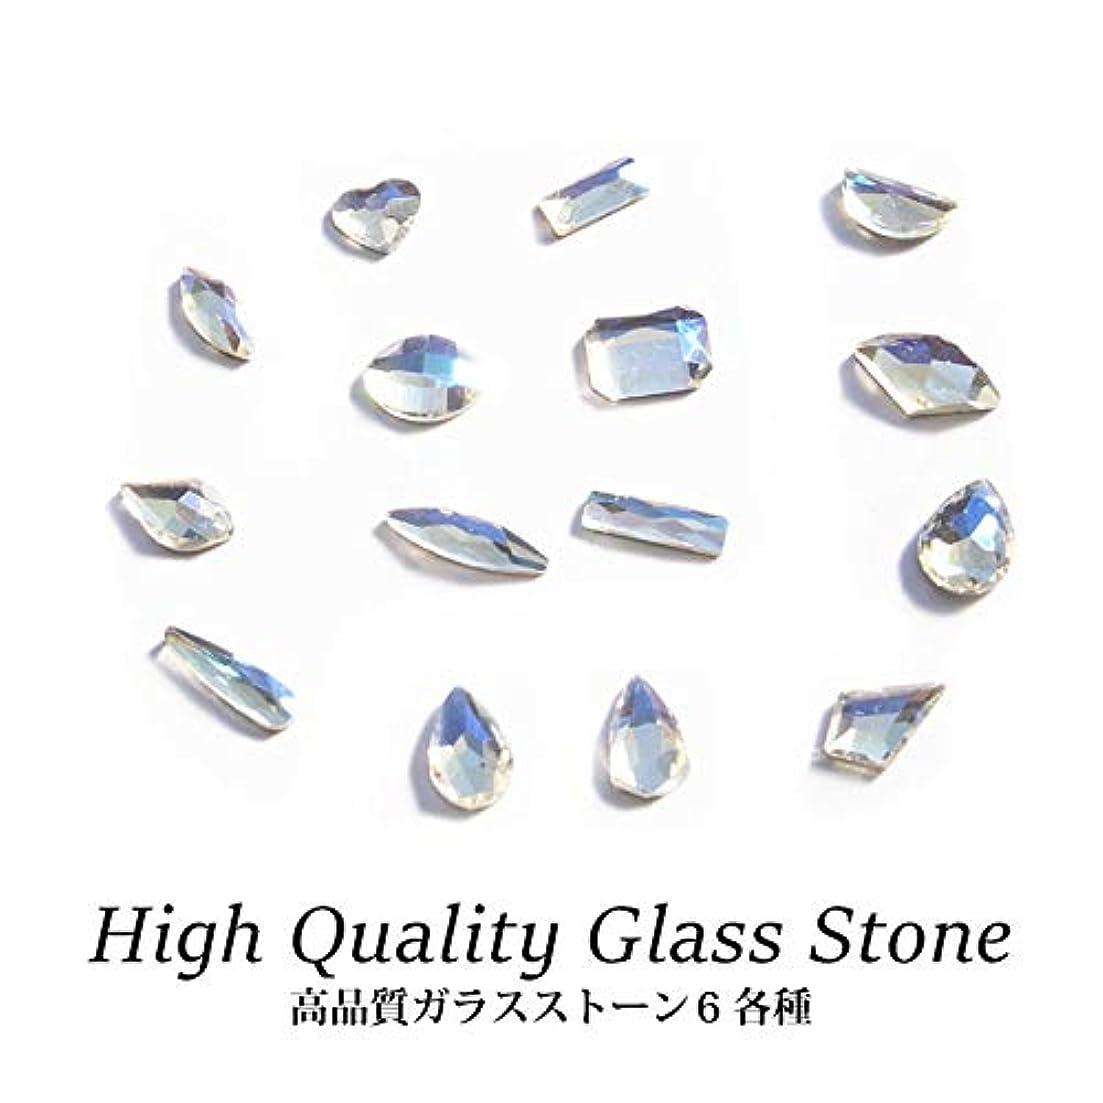 夫婦支給応じるブルームーンカラーが魅惑的なクリスタルストーン! 高品質 ガラスストーン 6 各種 5個入り (4.ランバス 6×10mm)